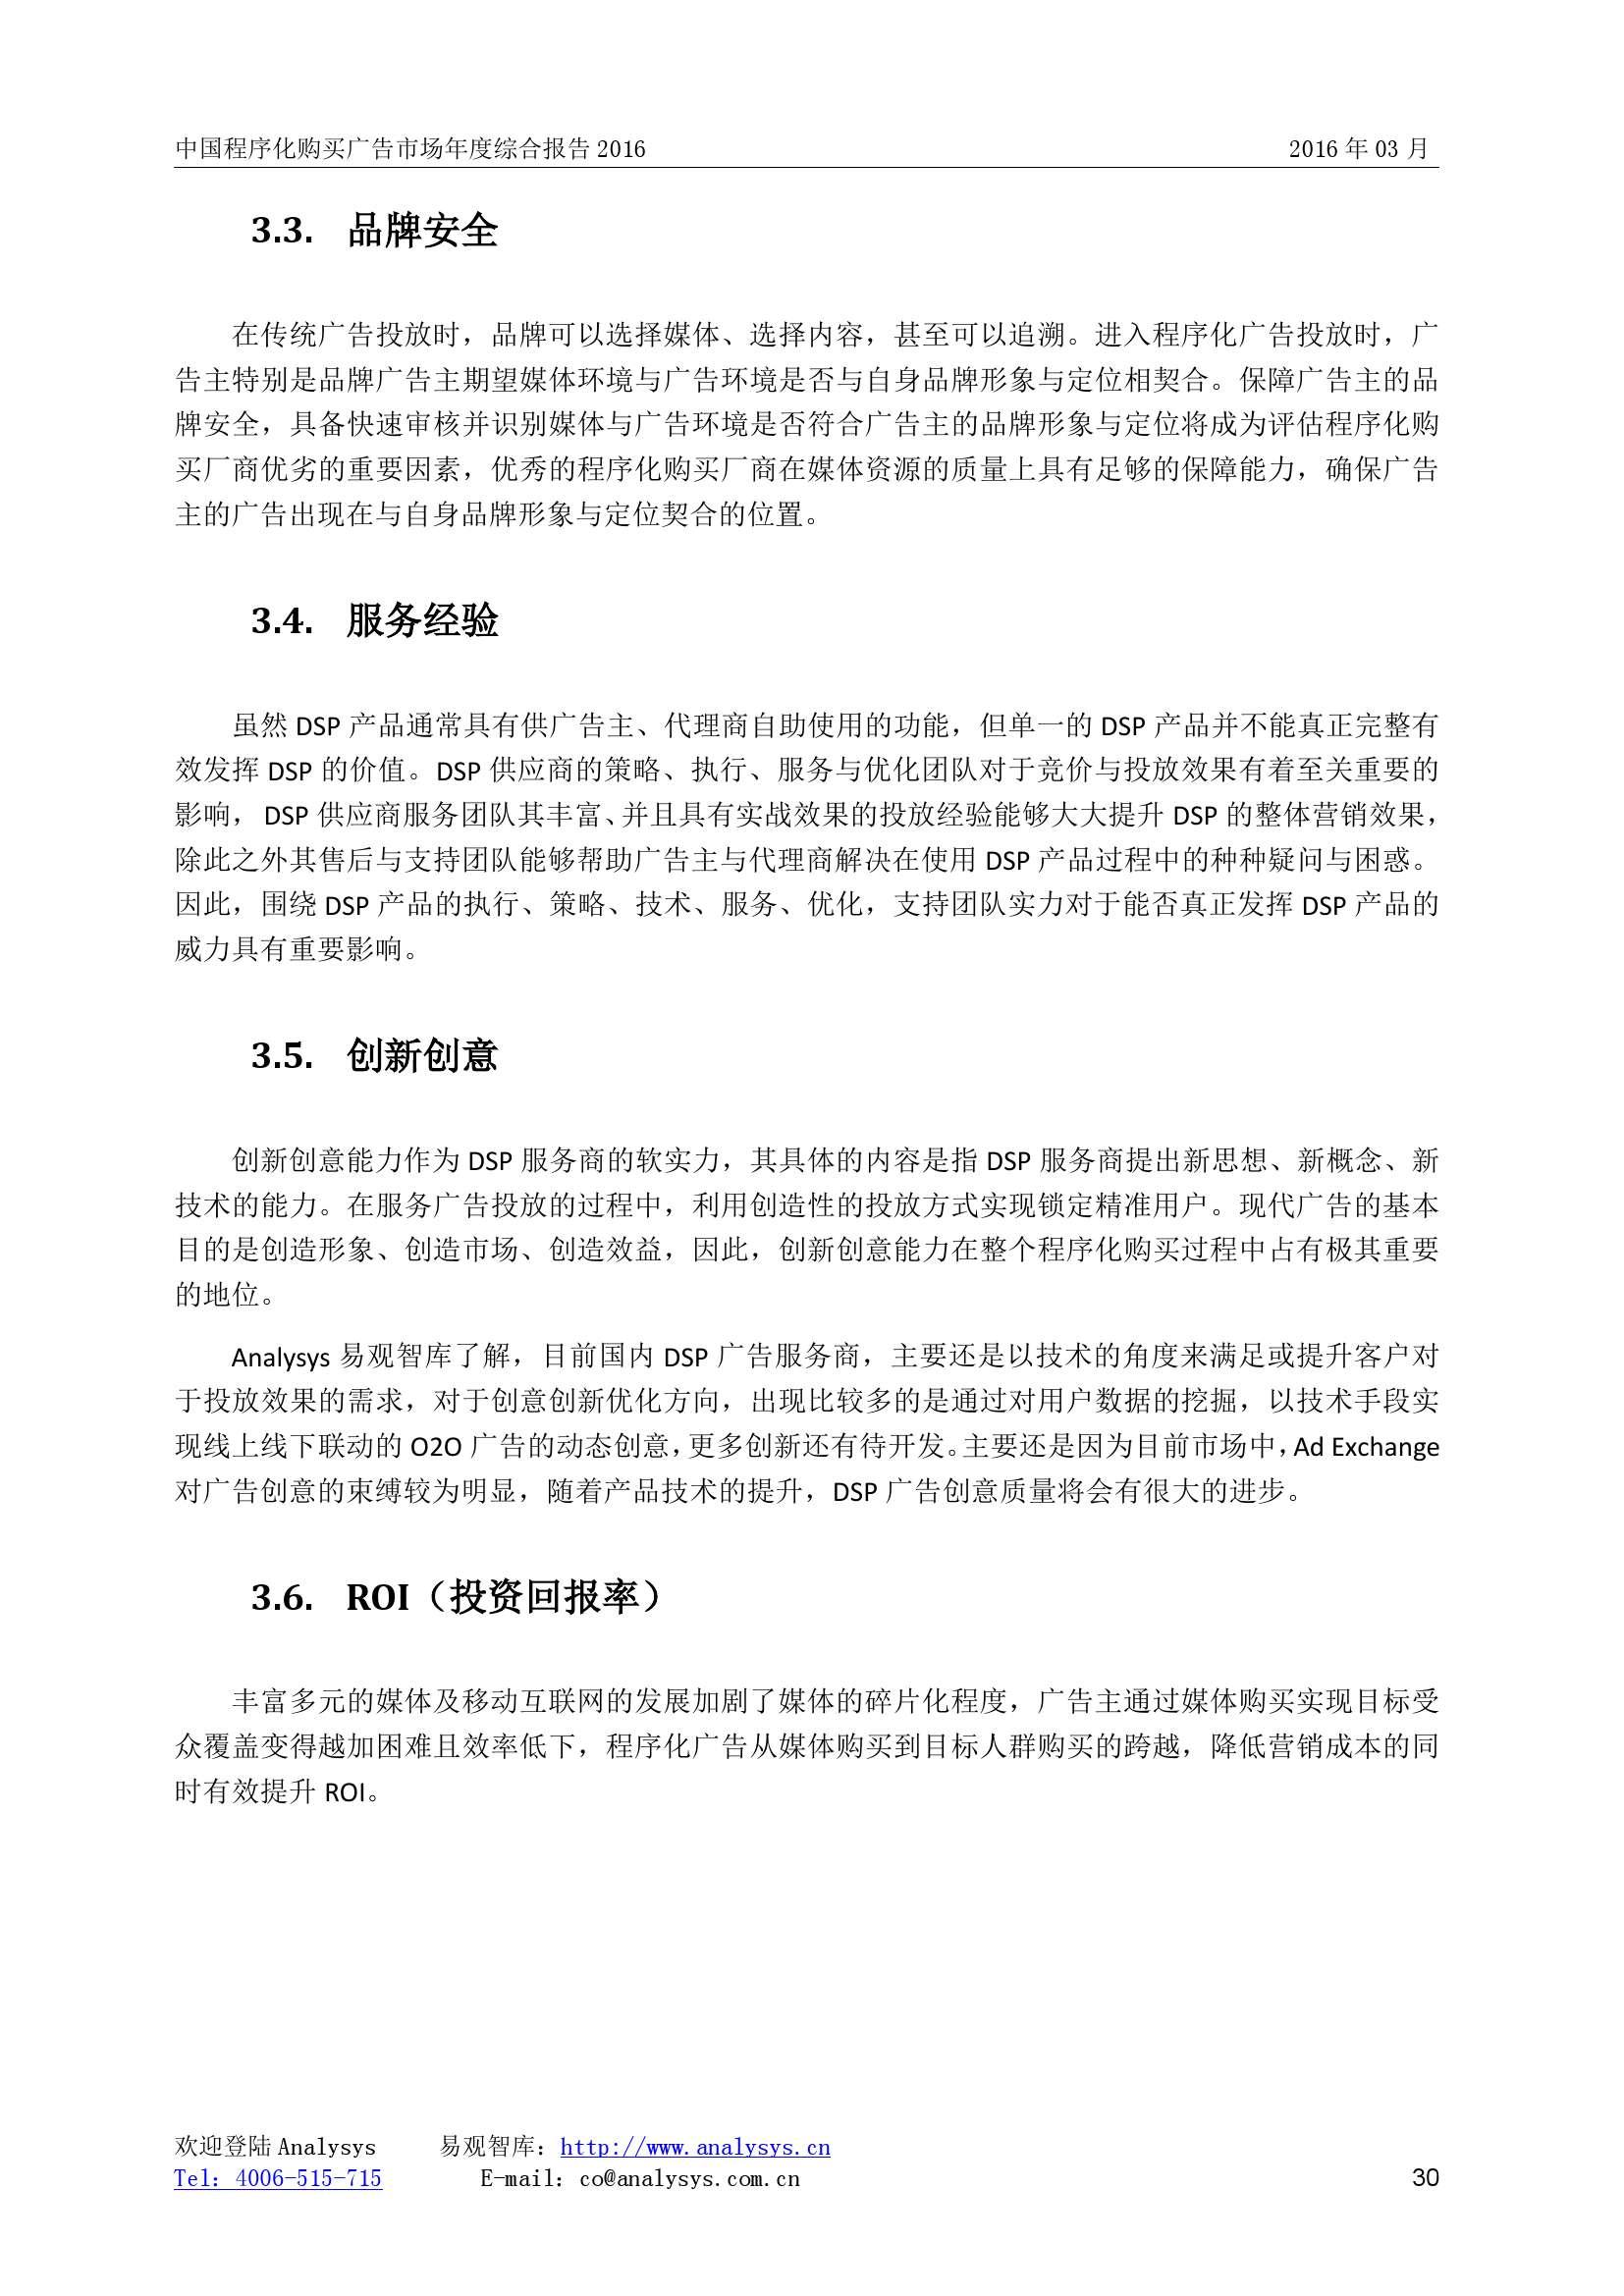 中国程序化购买广告市场年度综合报告2016_000030